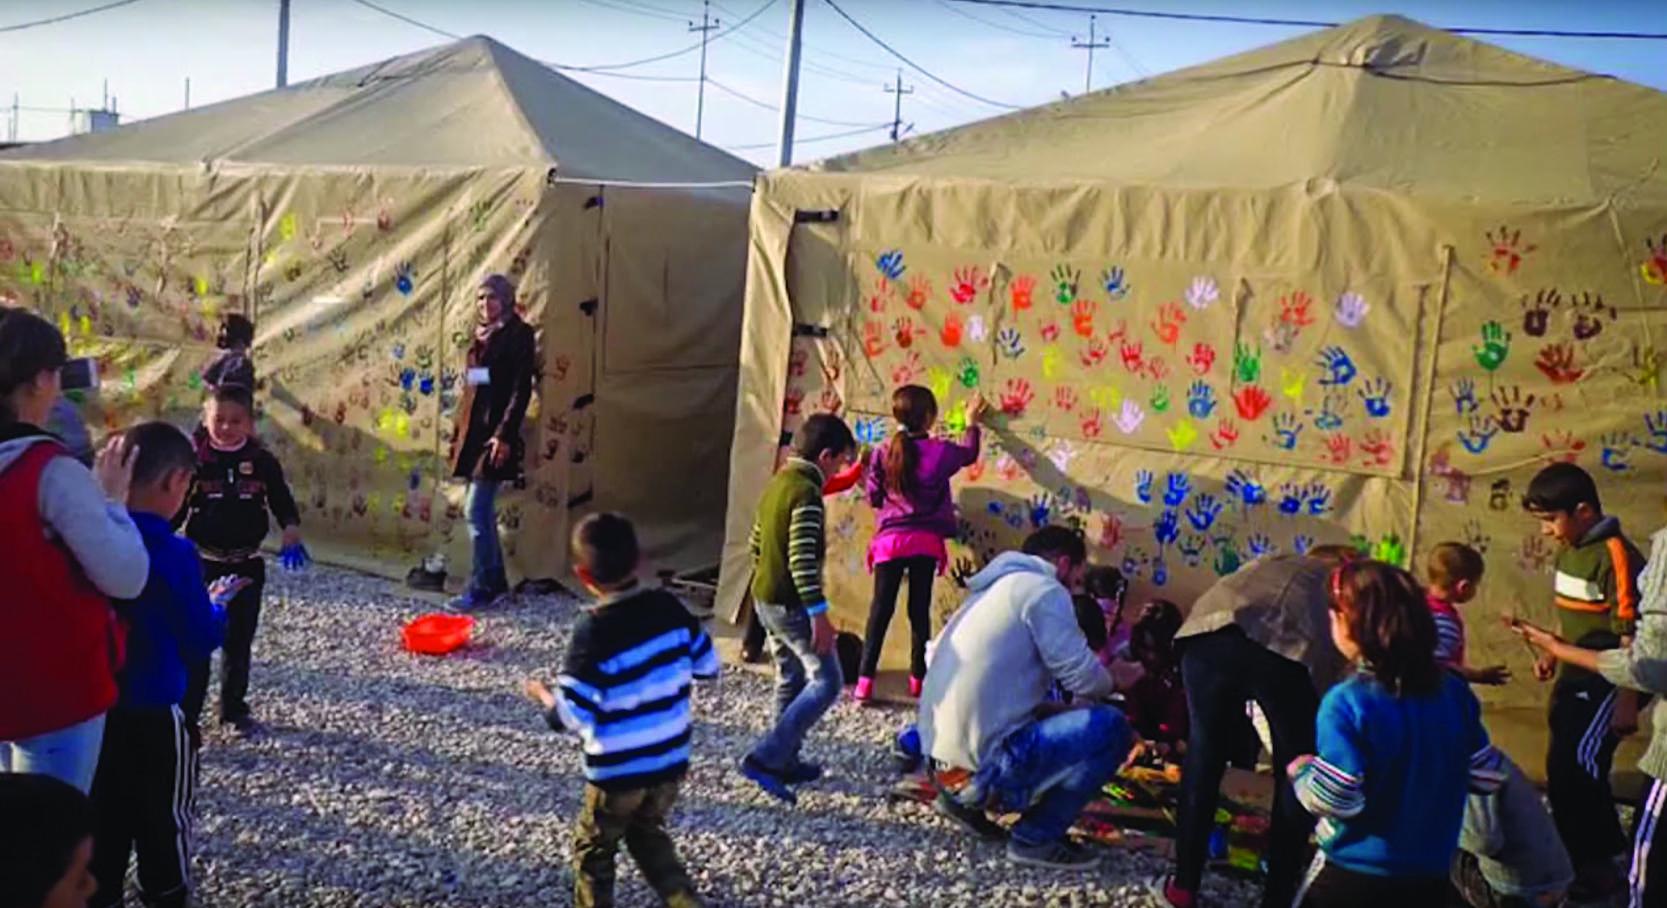 ht-tent-iraq-kids-handprints.jpg